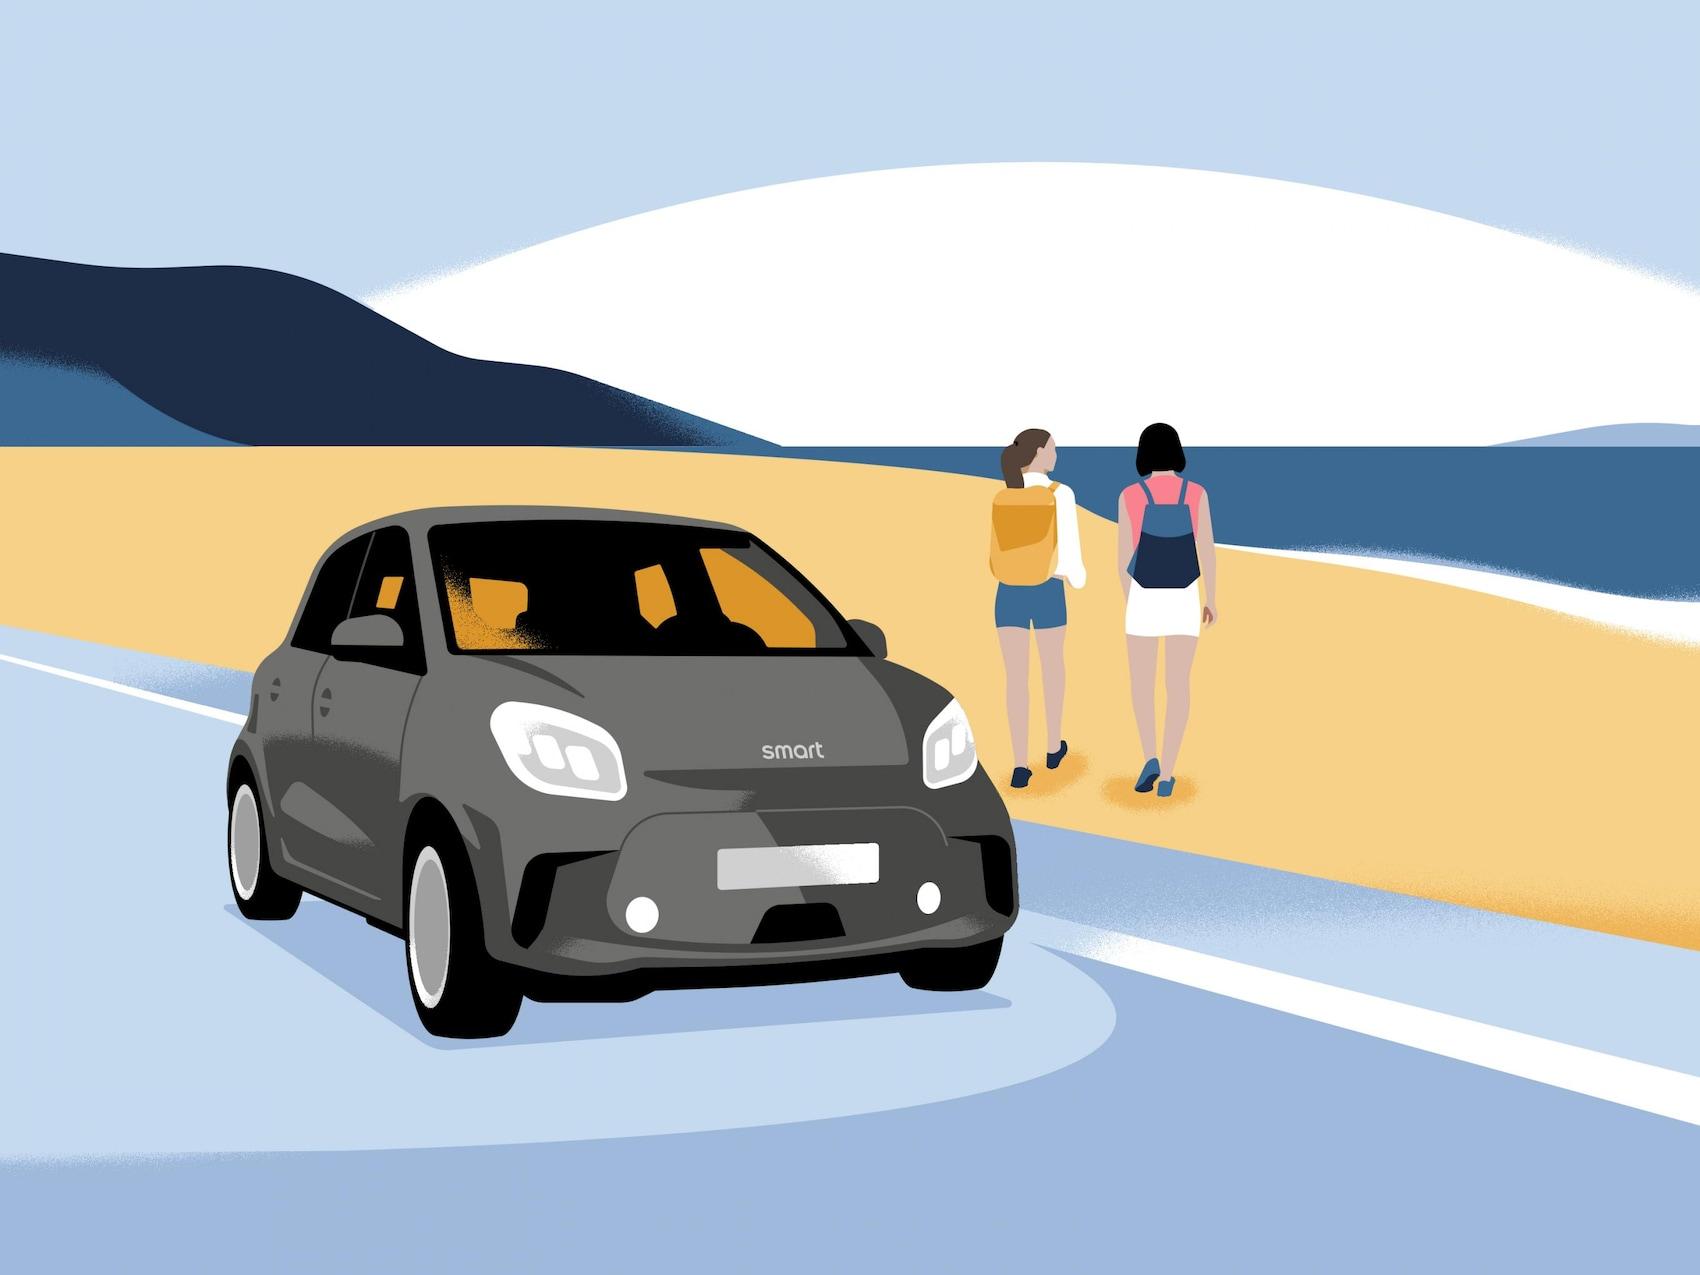 Zwei Personen laufen in die Natur. Davor ein geparkter smart.